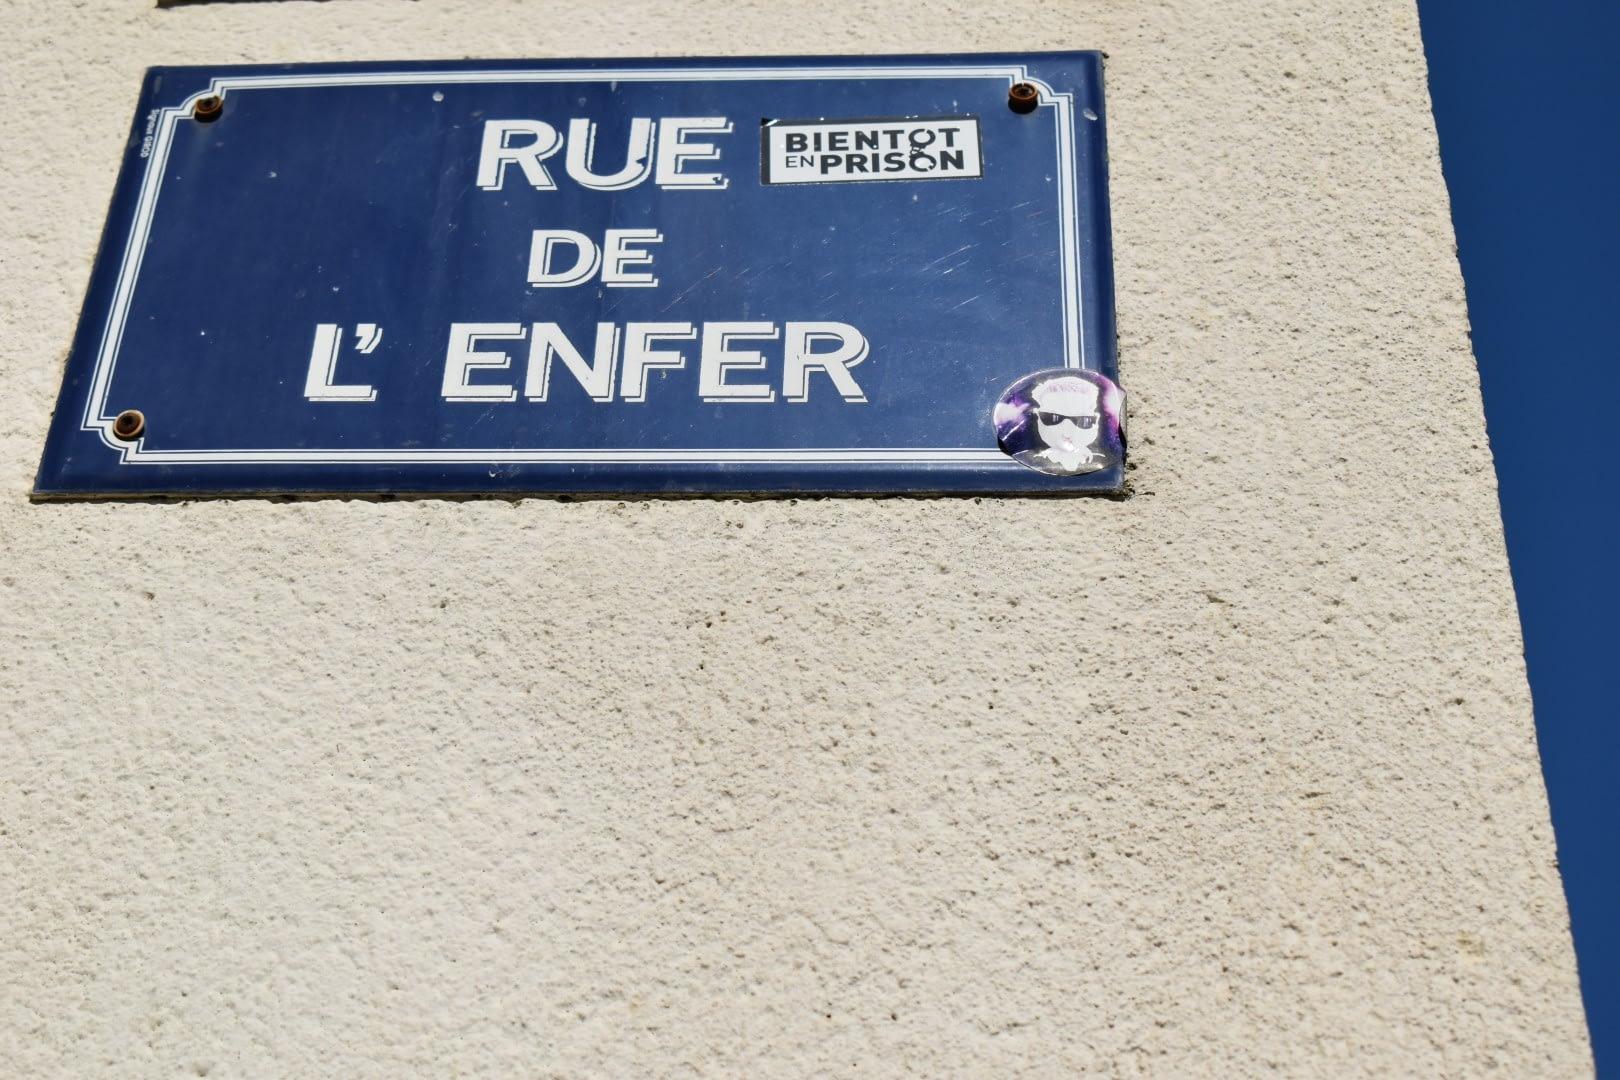 Rue de l'Enfer, Les Sables-d'Olonne